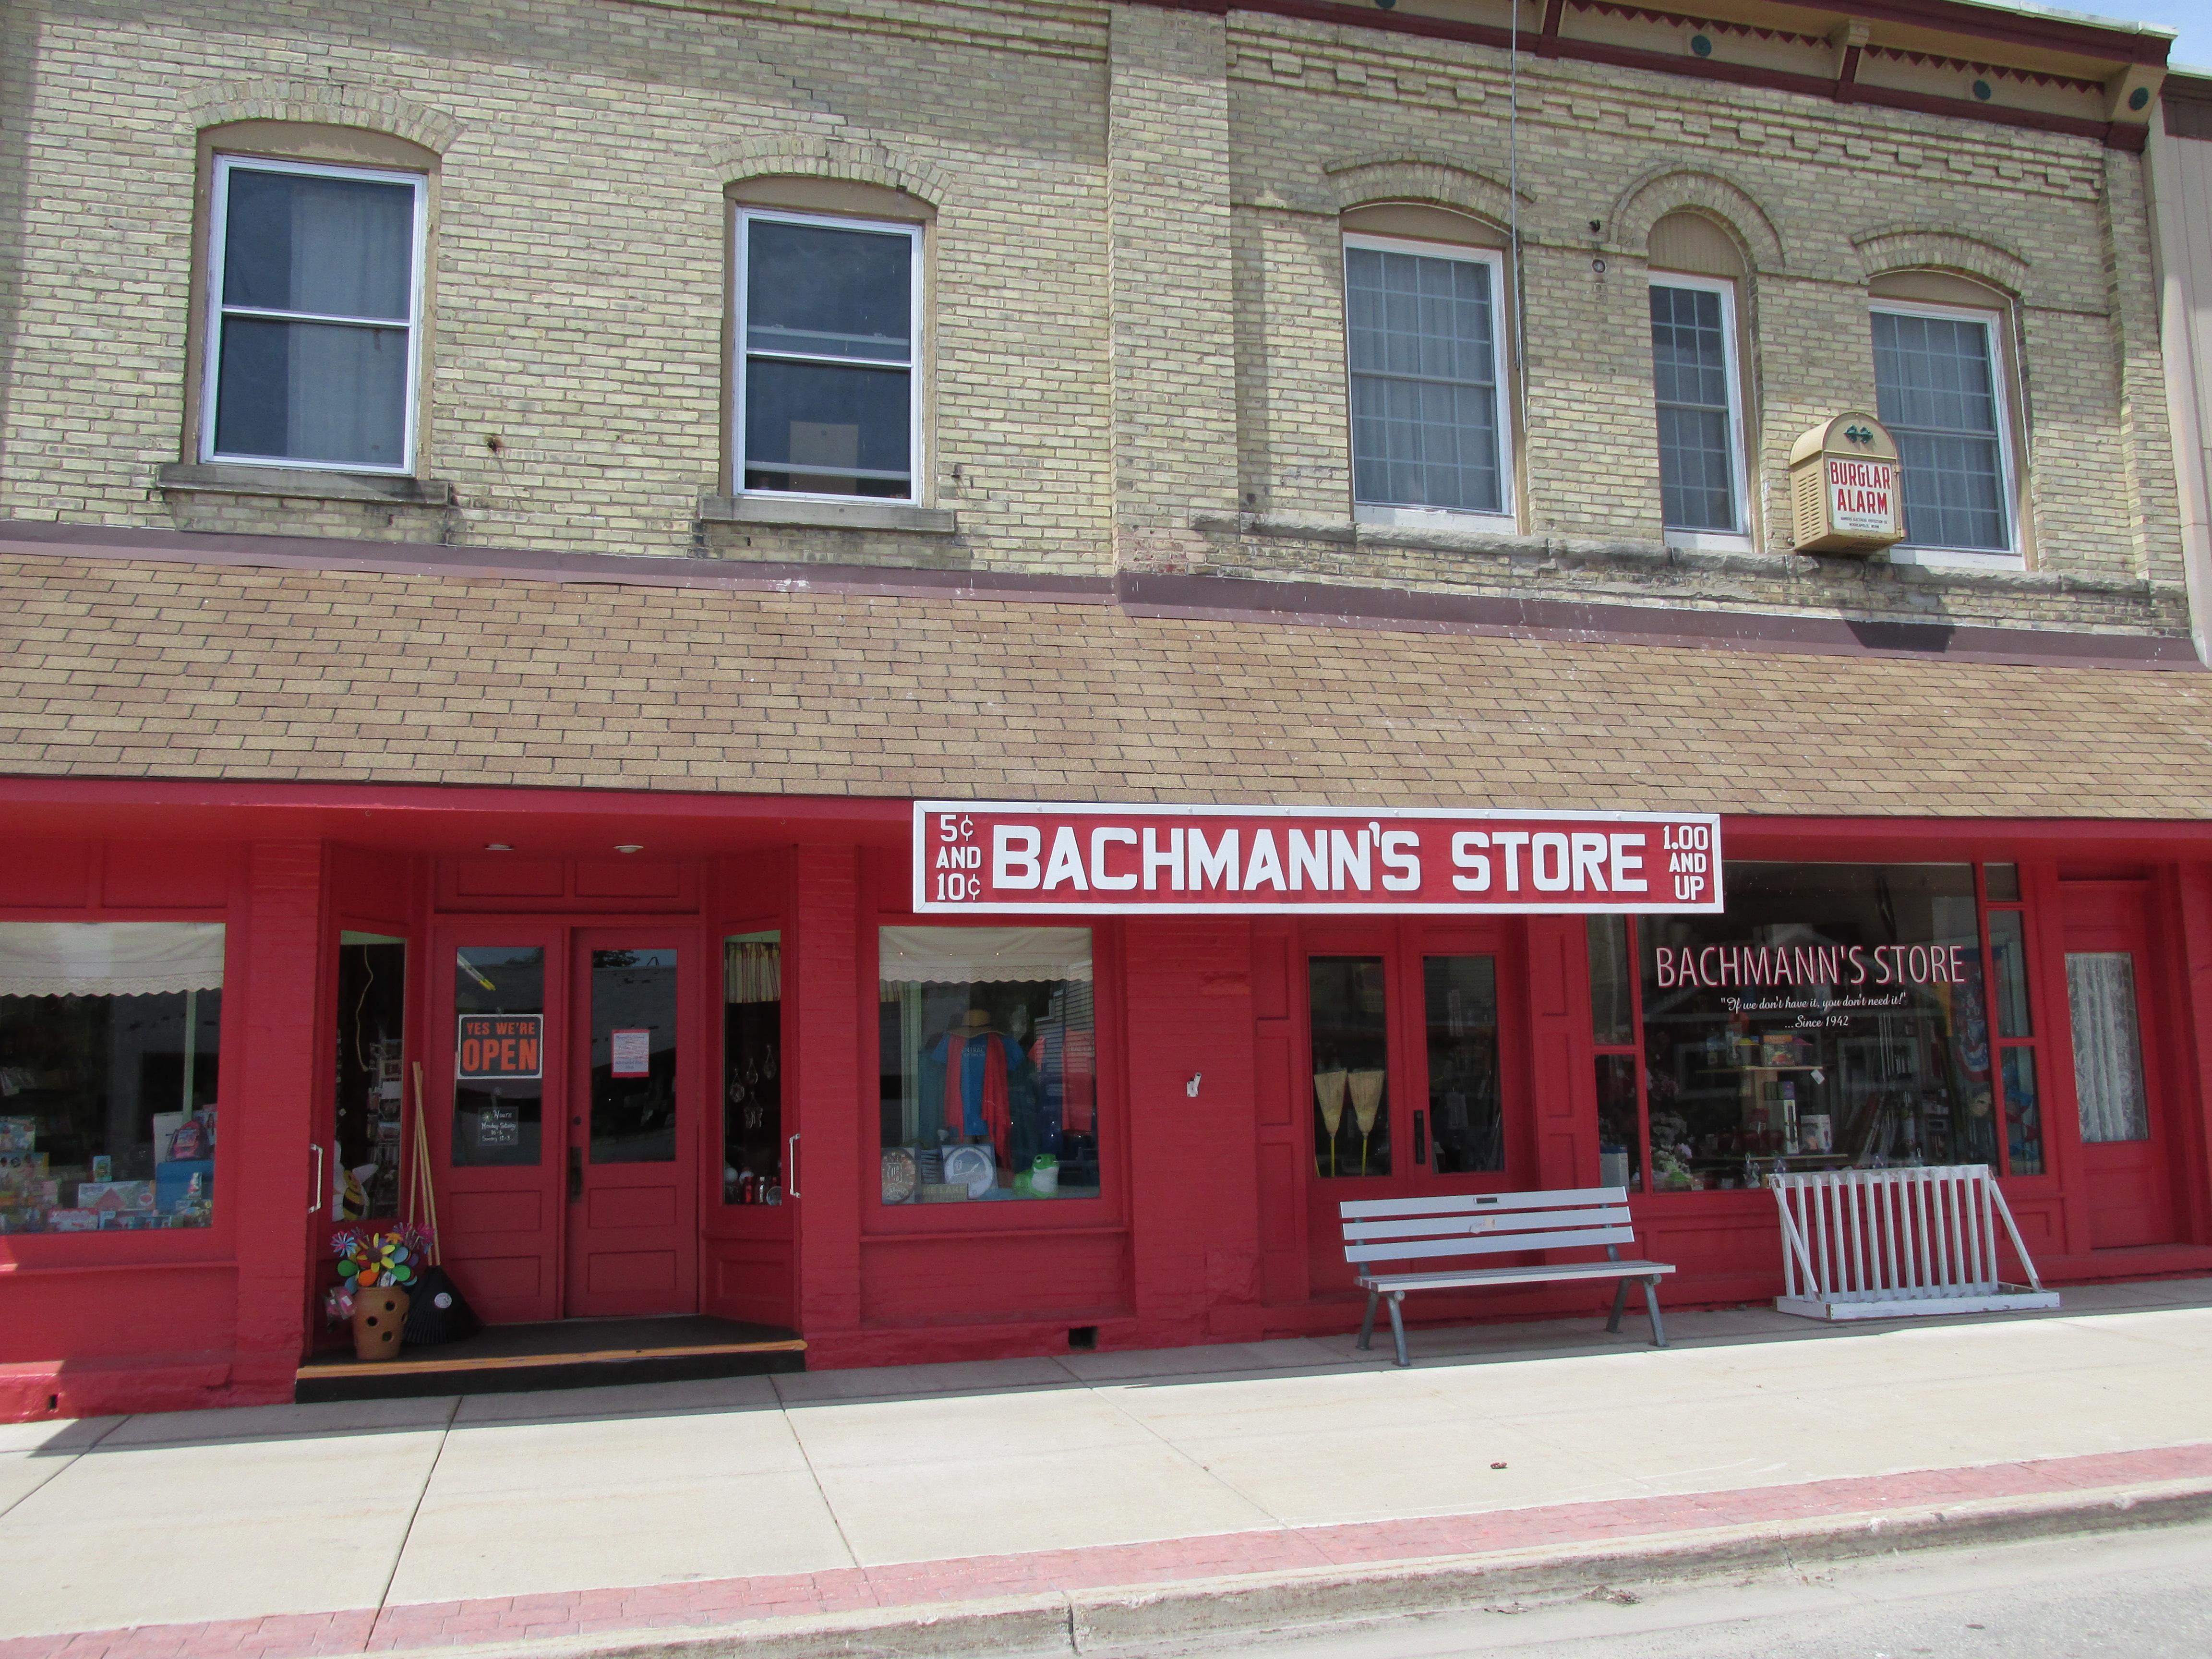 Bachmann's Store, 2015